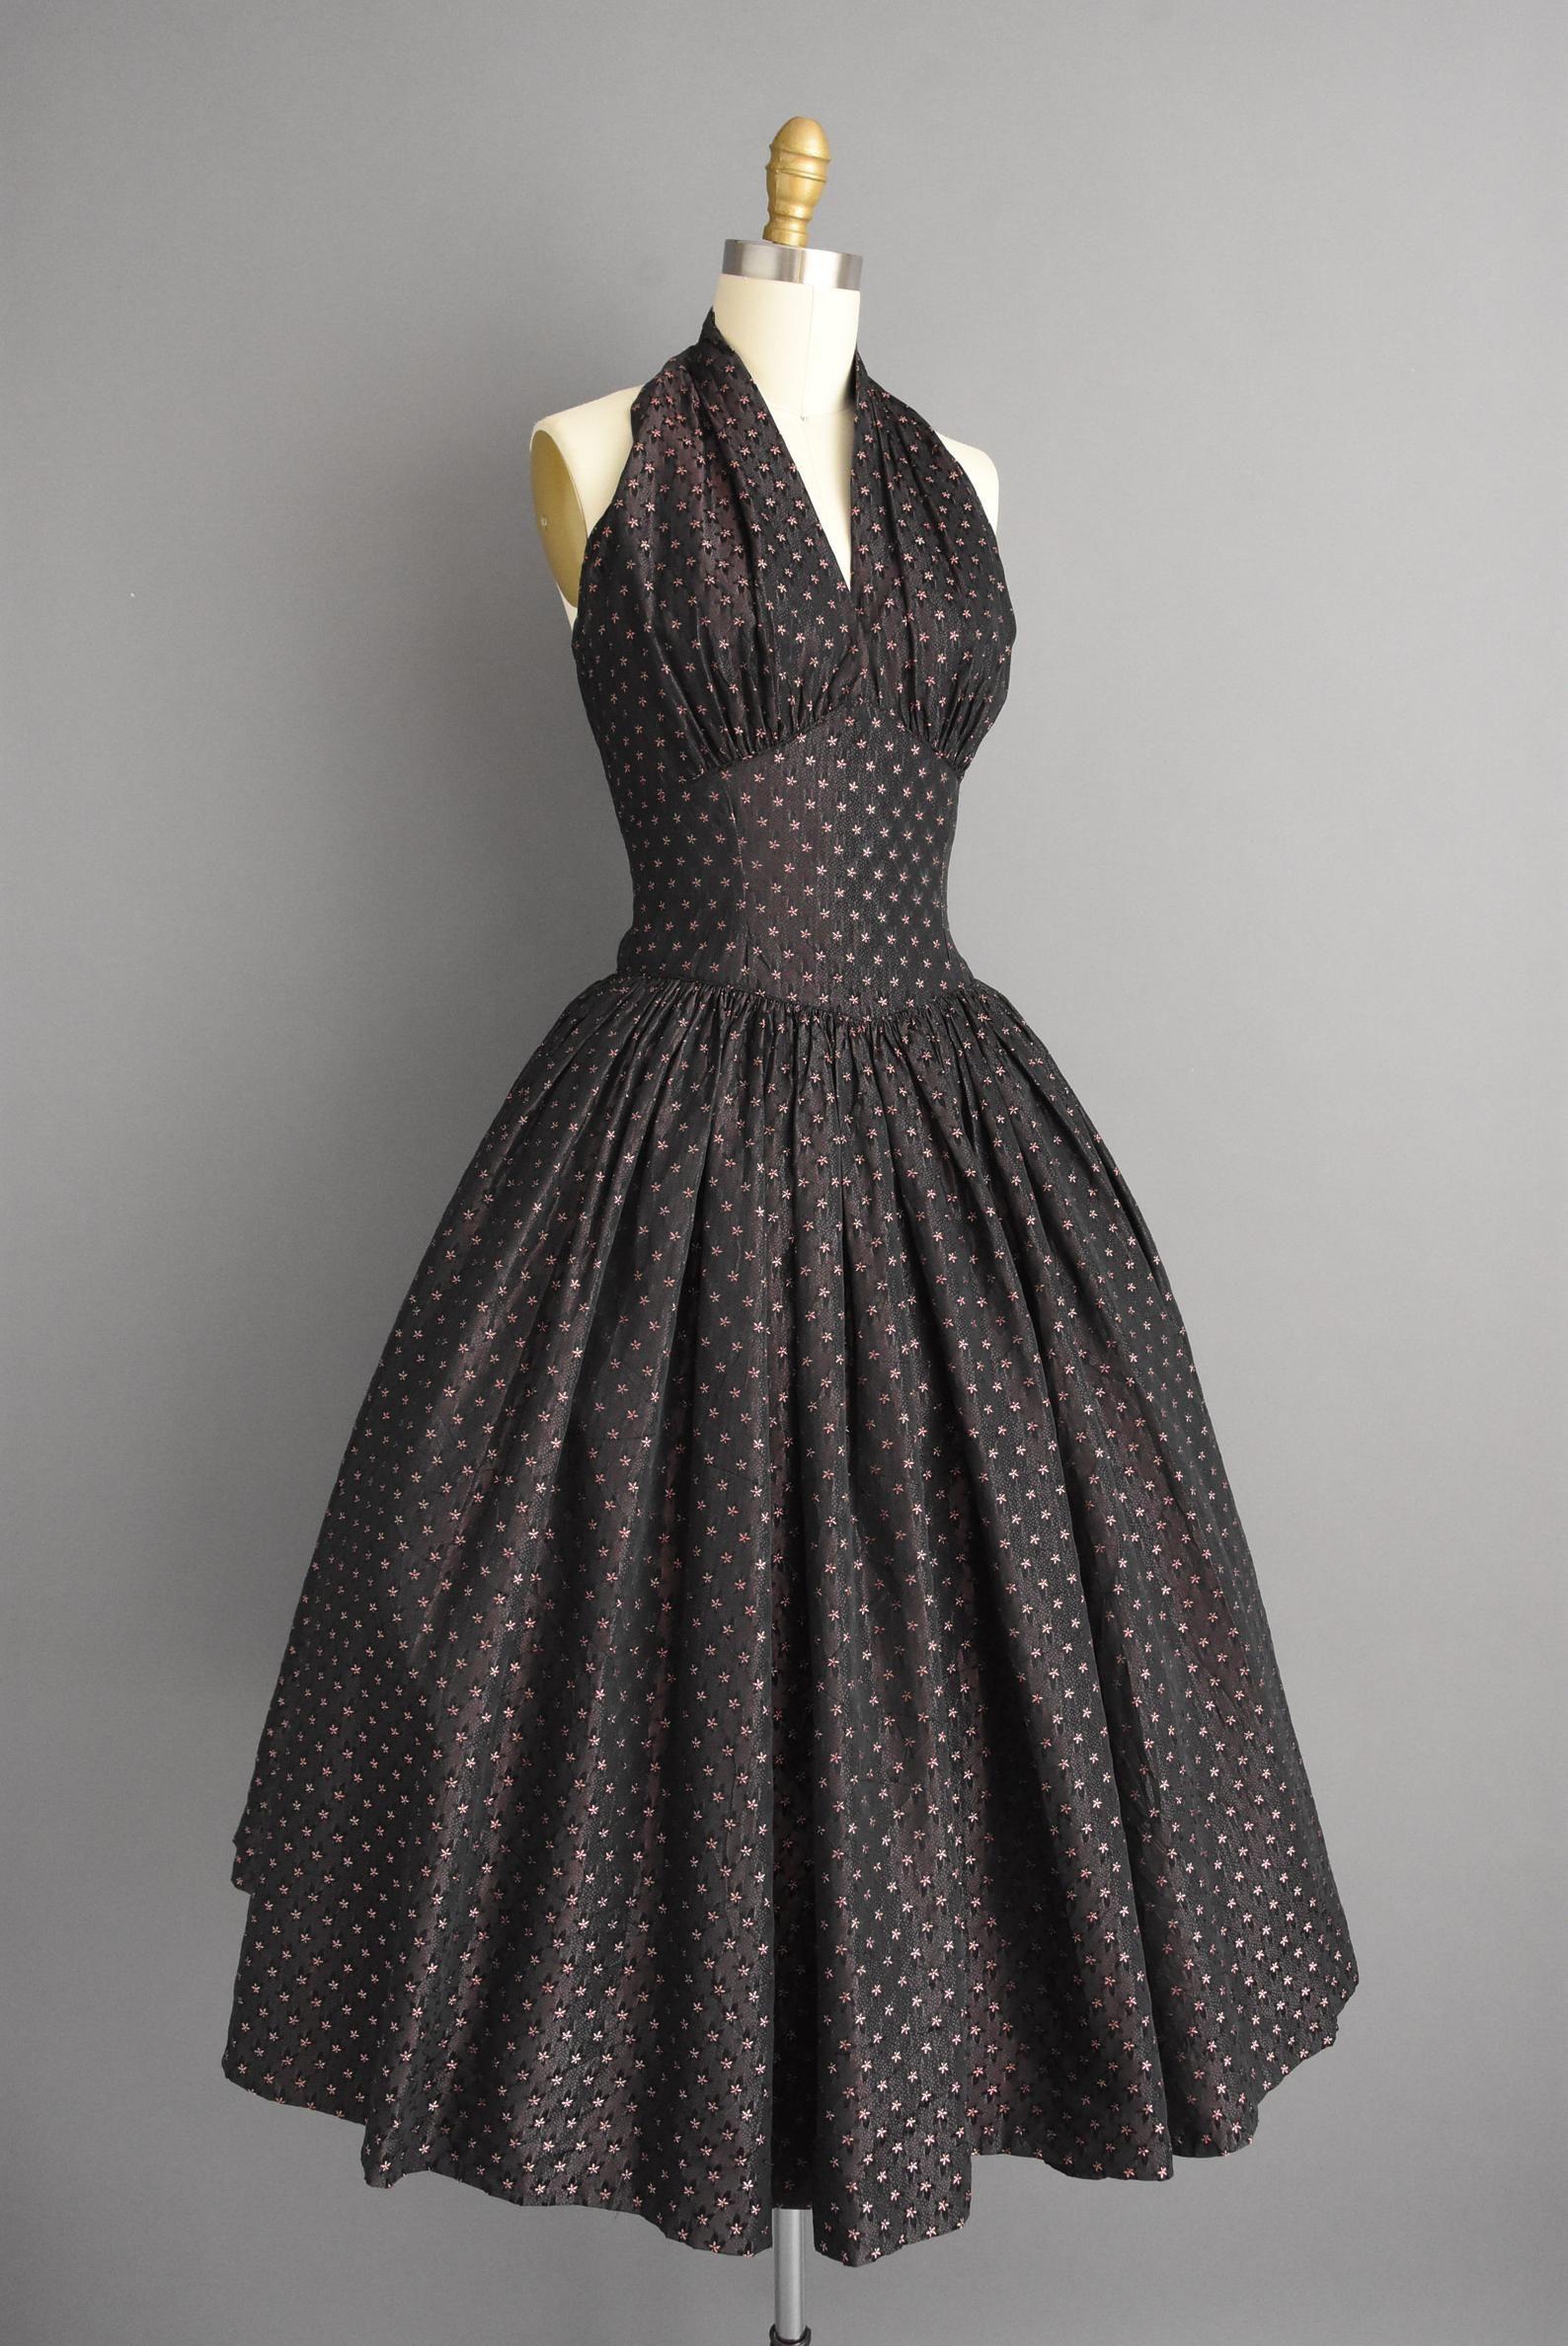 Vintage 1950s Dress Gorgeous Sweeping Full Skirt Halter Cocktail Dress Small 50s Dress Vintage 1950s Dresses Vintage Dresses 50s Gorgeous Dresses [ 2376 x 1588 Pixel ]